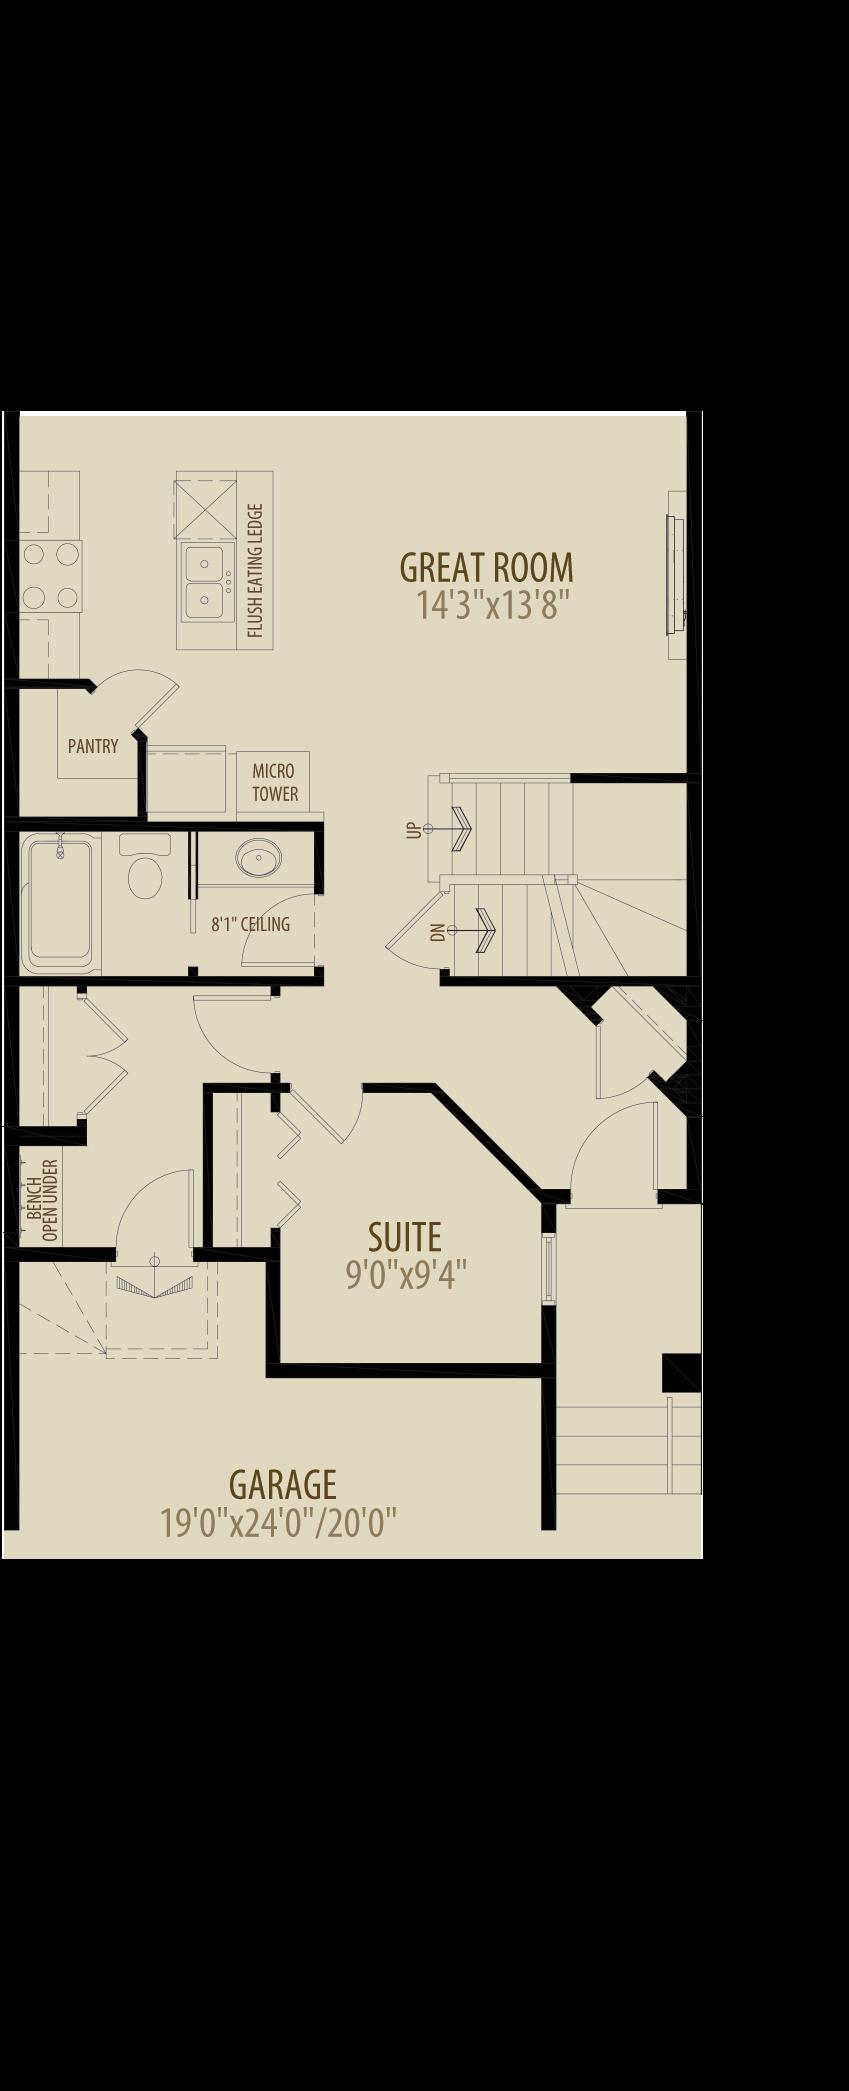 Main Floor Suite Adds 40 sq ft